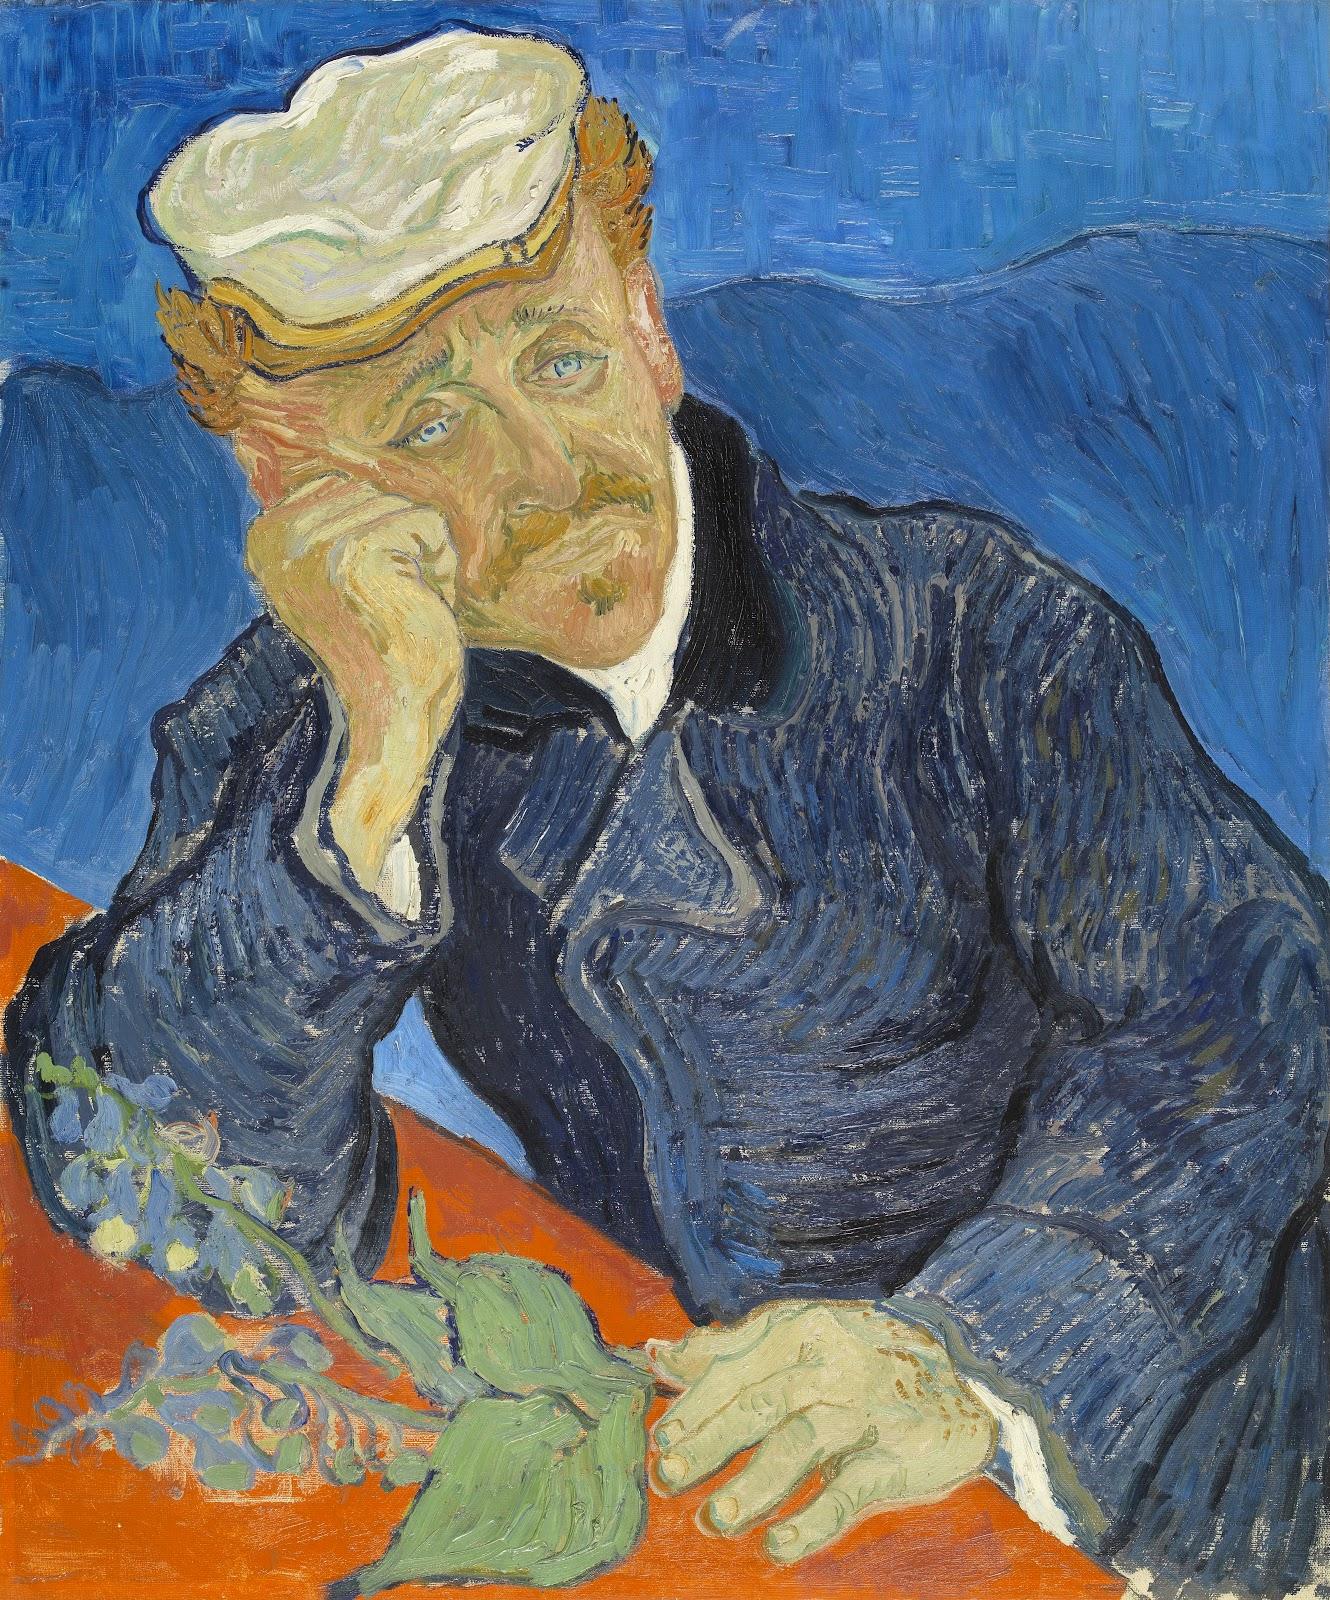 ヴィンセント・ヴァン・ゴッホの『ガシェ医師の肖像』